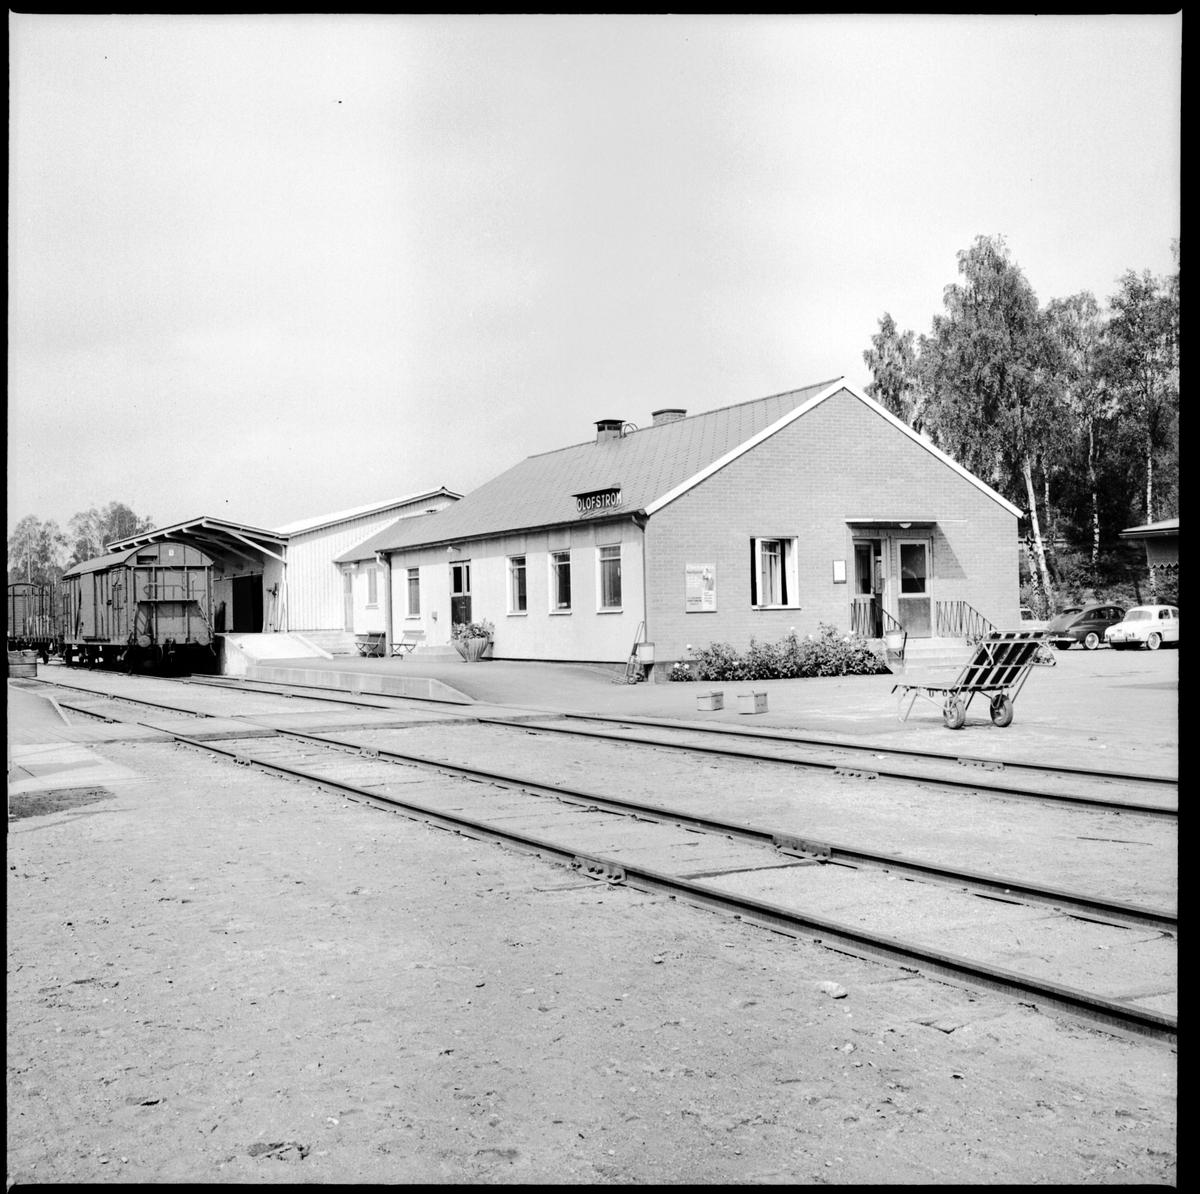 Distriktsreportage Växjö